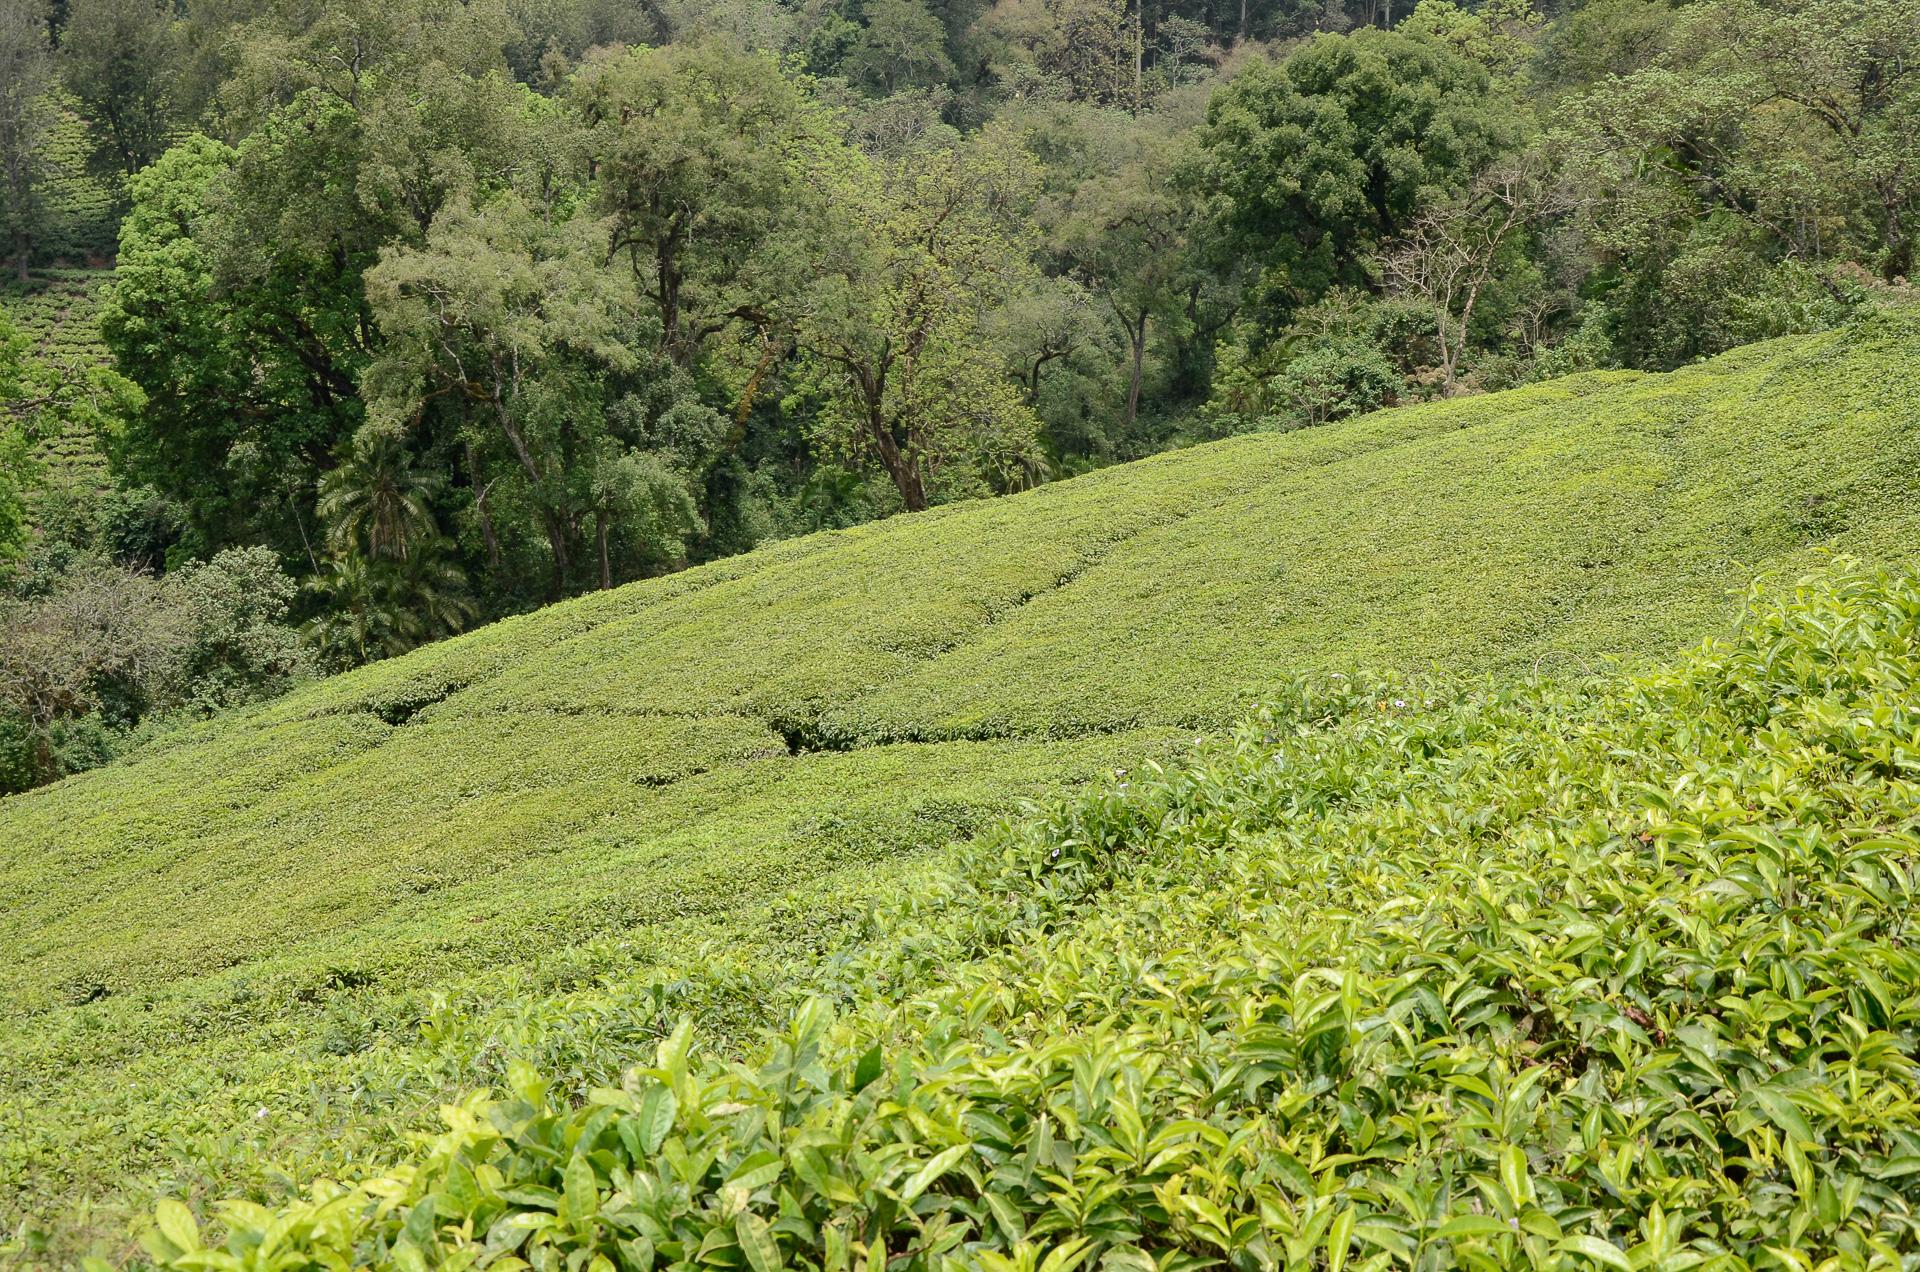 plantation de thé wush ethiopie